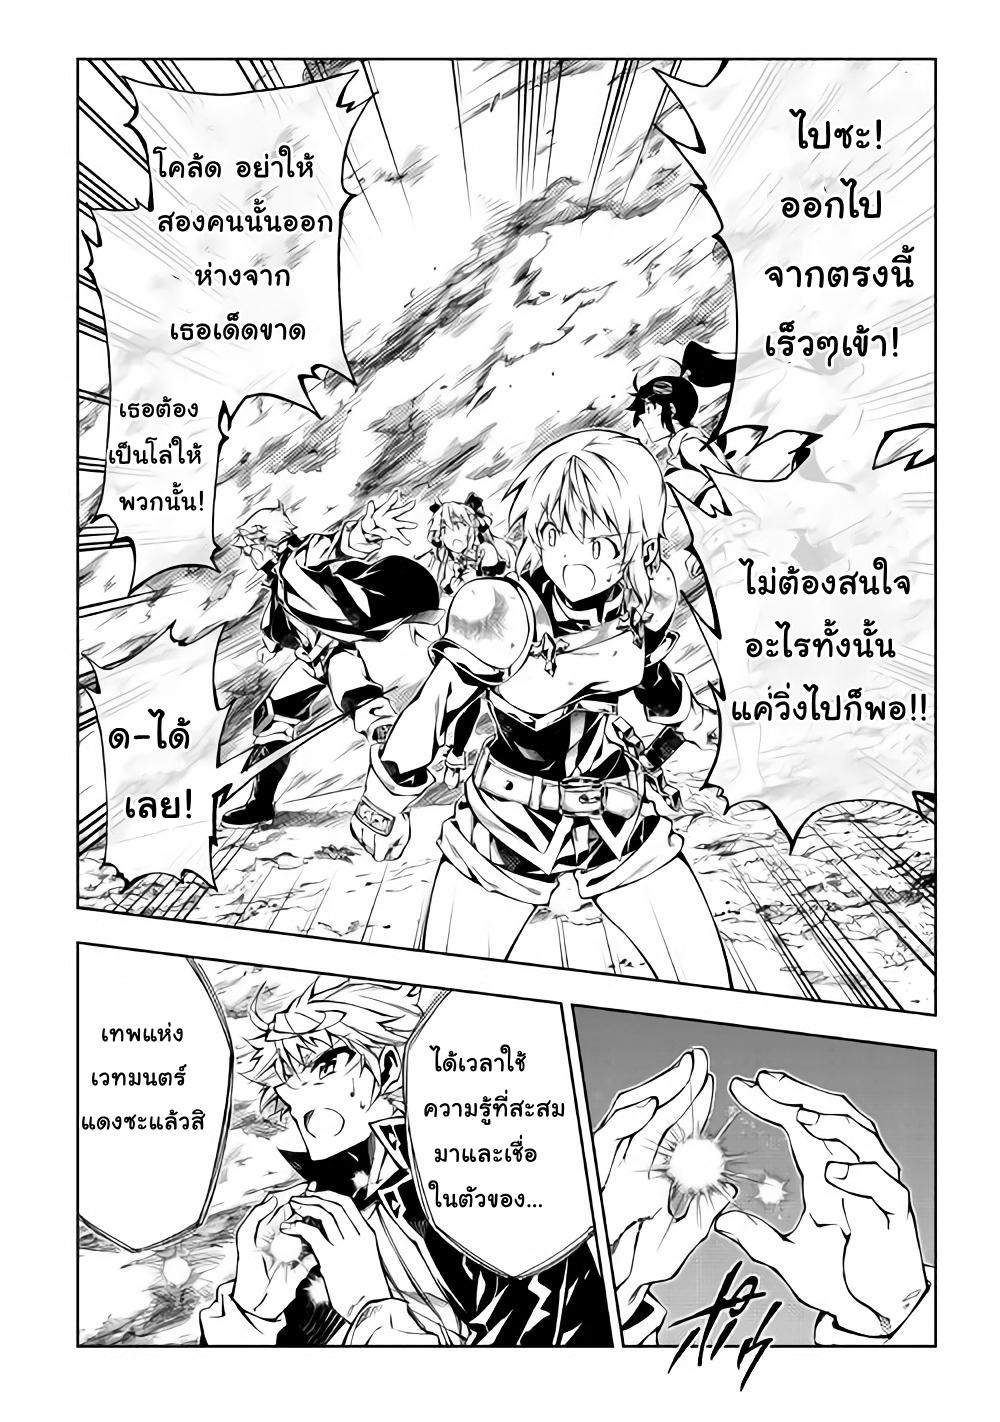 อ่านการ์ตูน Kouritsu Kuriya Madoushi, Dani no Jinsei de Madou o Kiwameru ตอนที่ 29 กระสุนเวทย์มนตร์ที่ชั่วร้าย หน้า 16